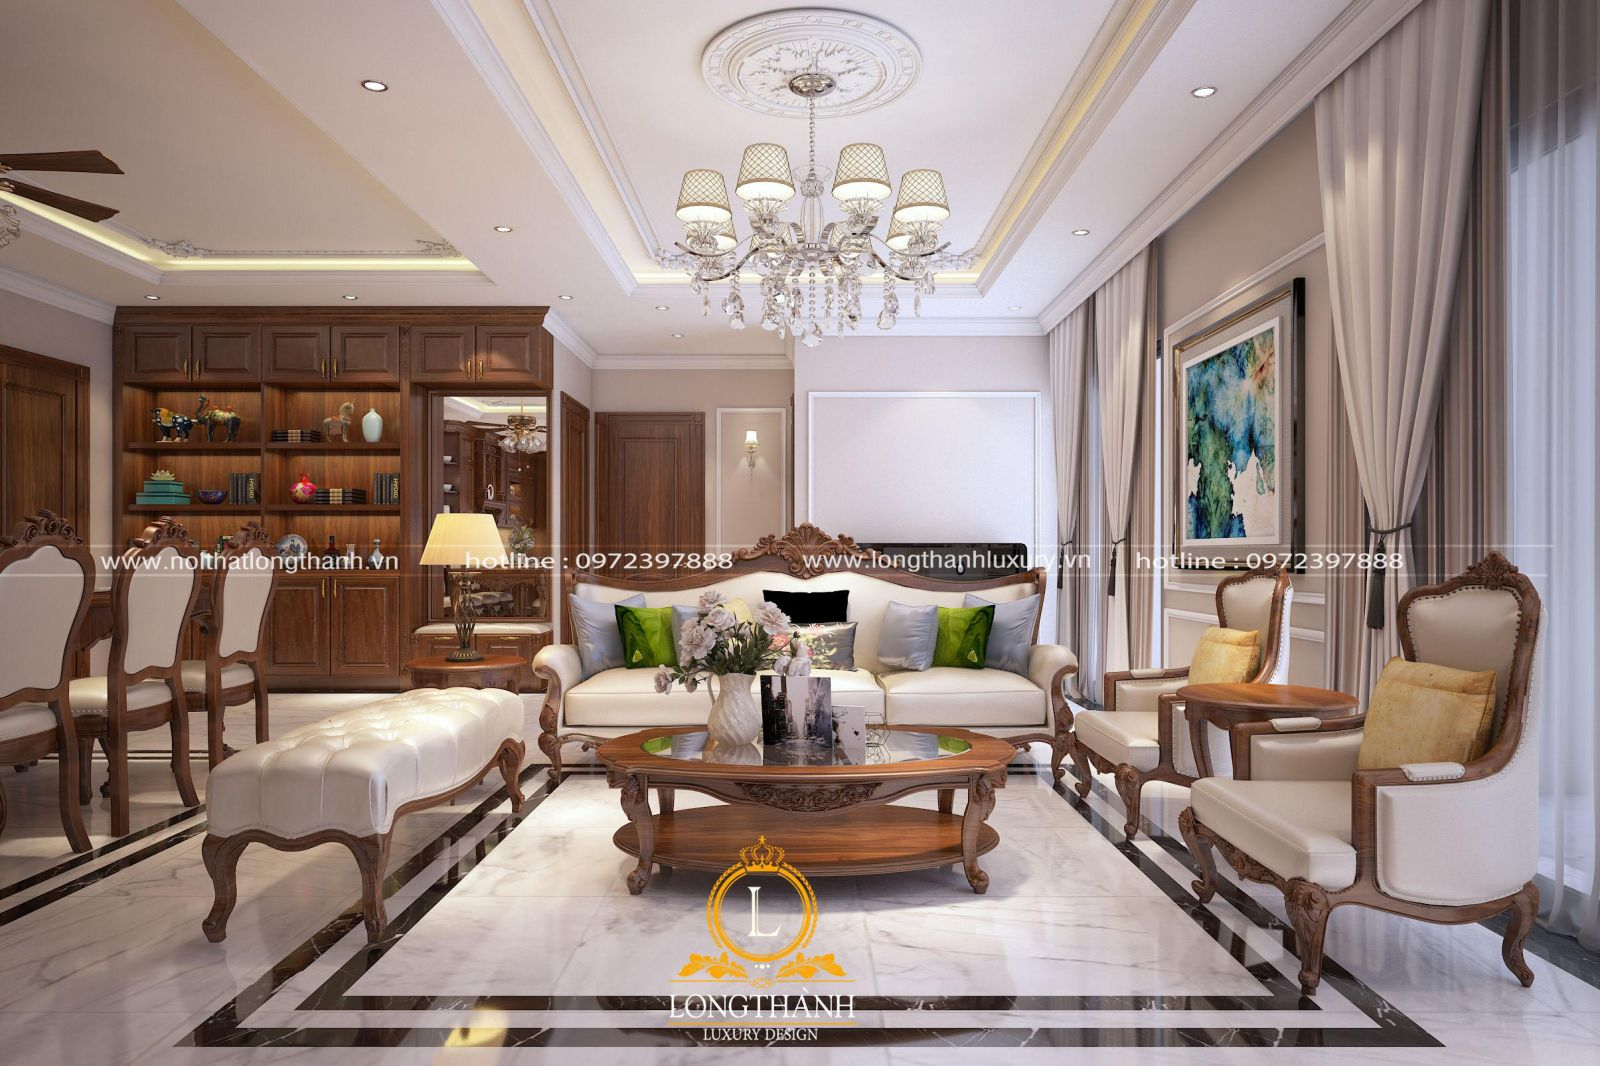 Sofa tân cổ điển đơn giản phù hợp với không gian khiêm tốn